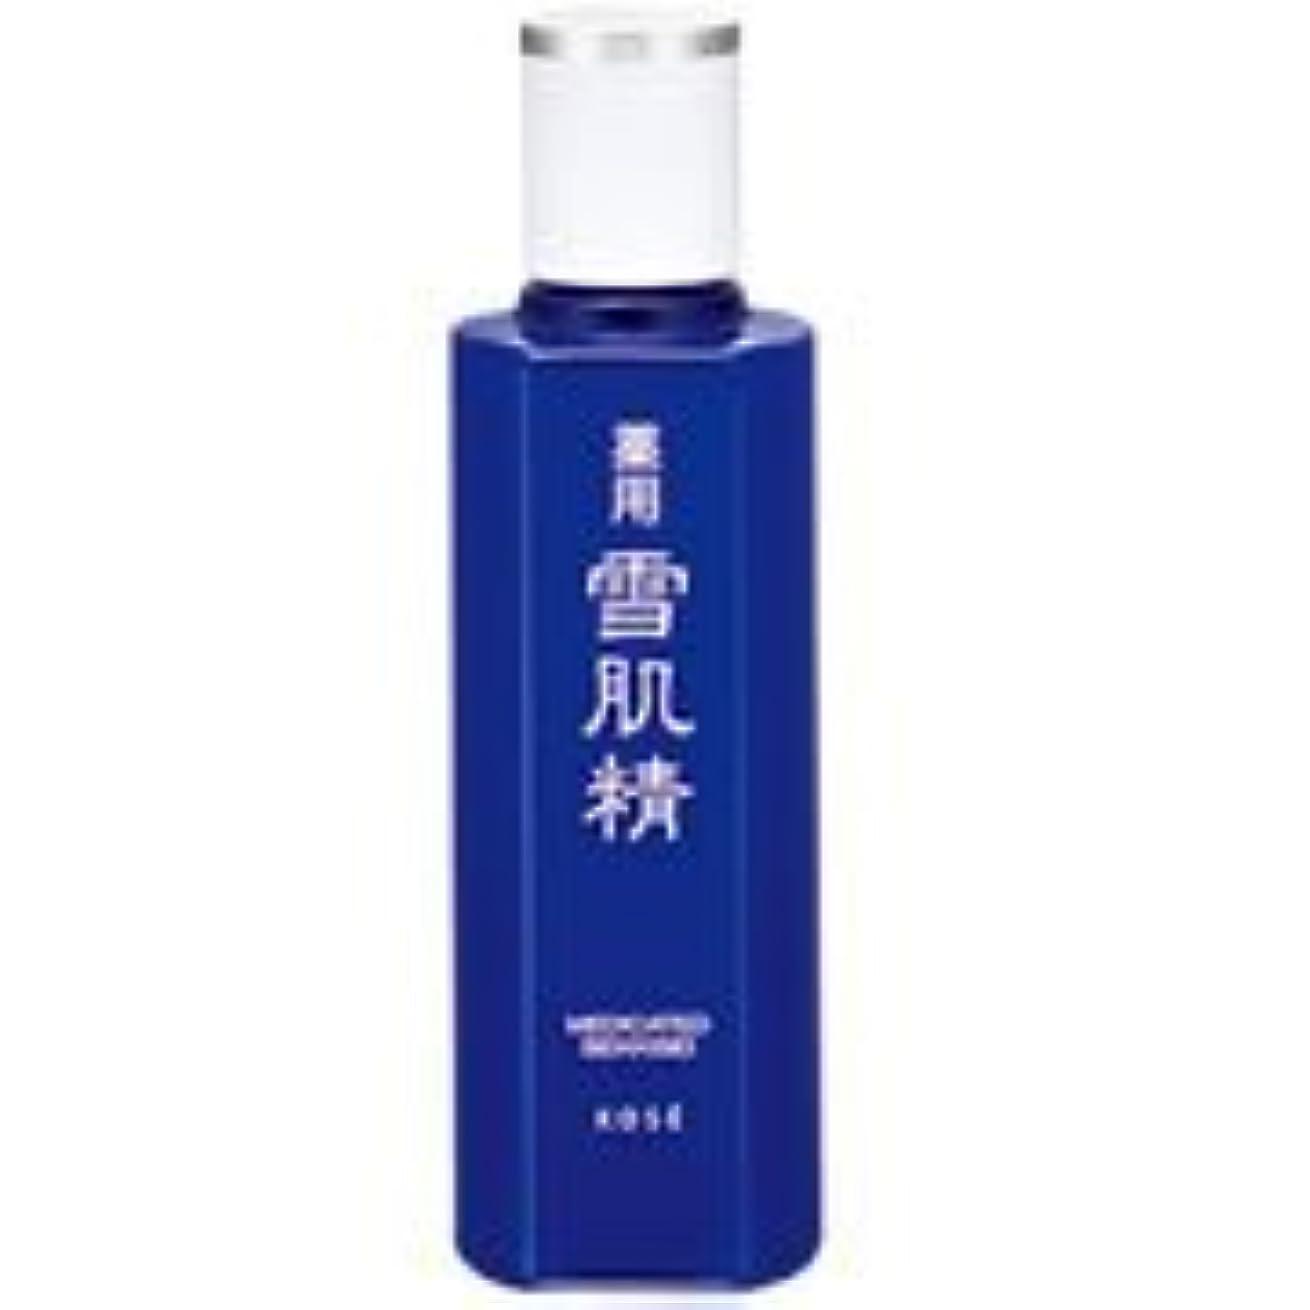 花弁刺す完璧なコーセー 薬用 雪肌精 化粧水 限定 トライアルサイズ 140ml